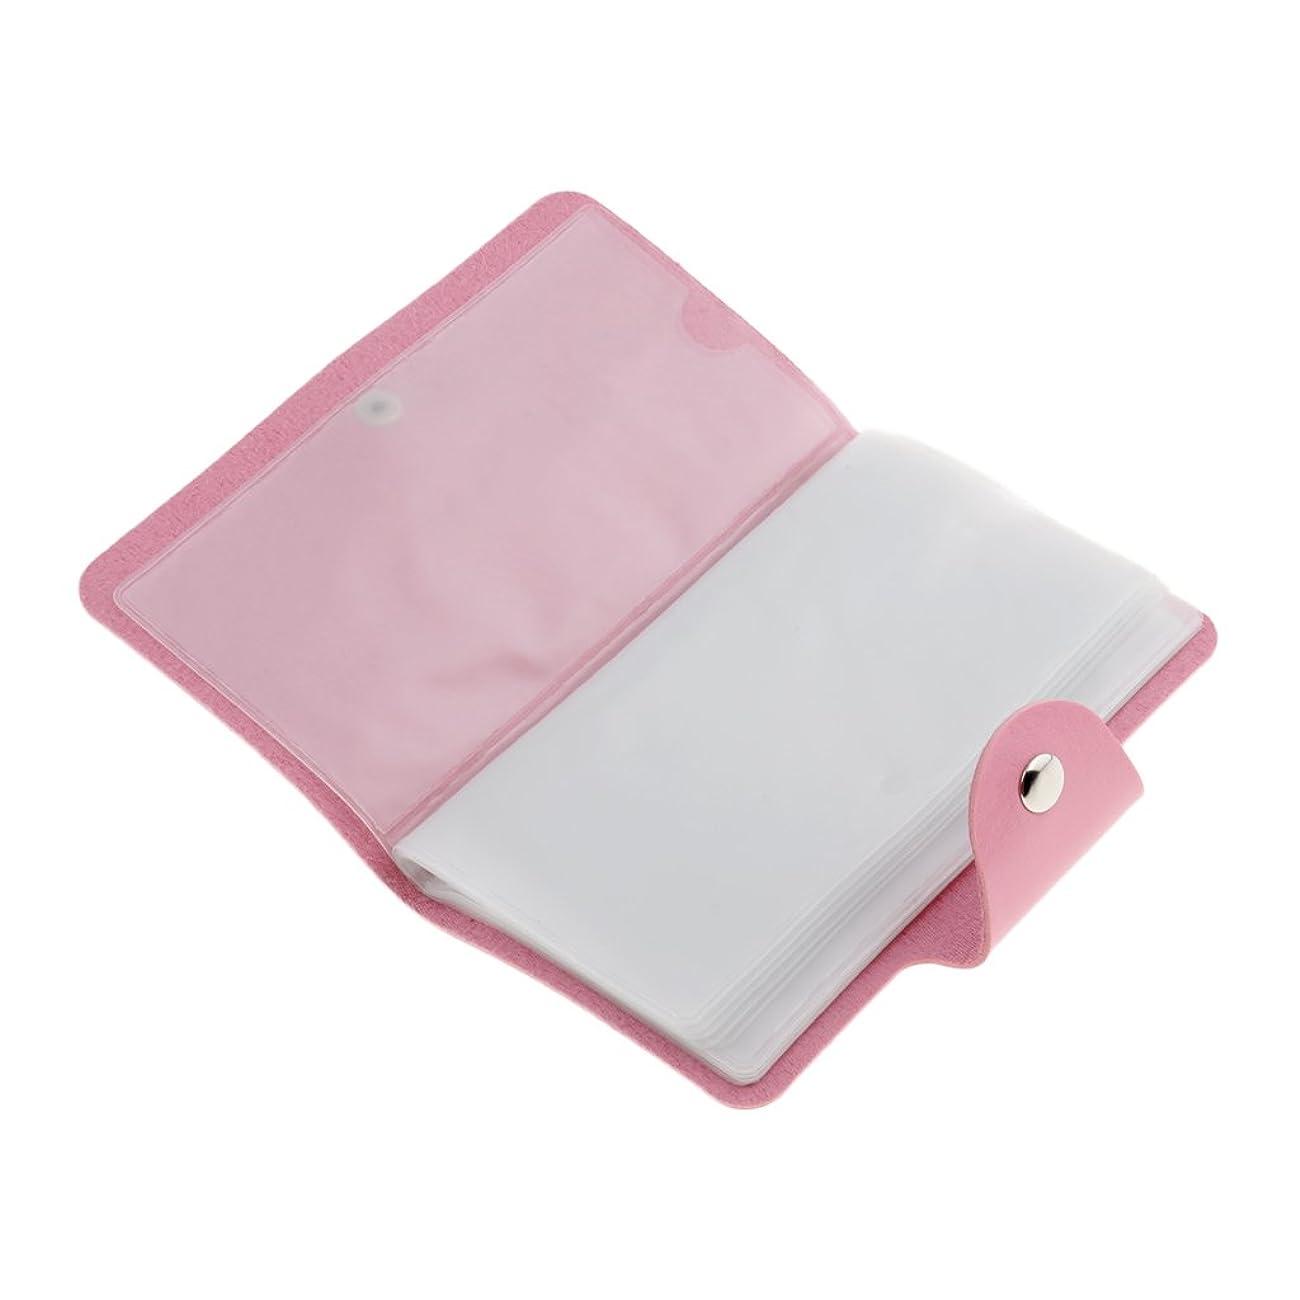 はねかける粘性の灰Perfeclan ネイルアートプレートスタンパーバッグ 24スロット ネイル プレート ホルダー ケース 5色選べ - ピンク